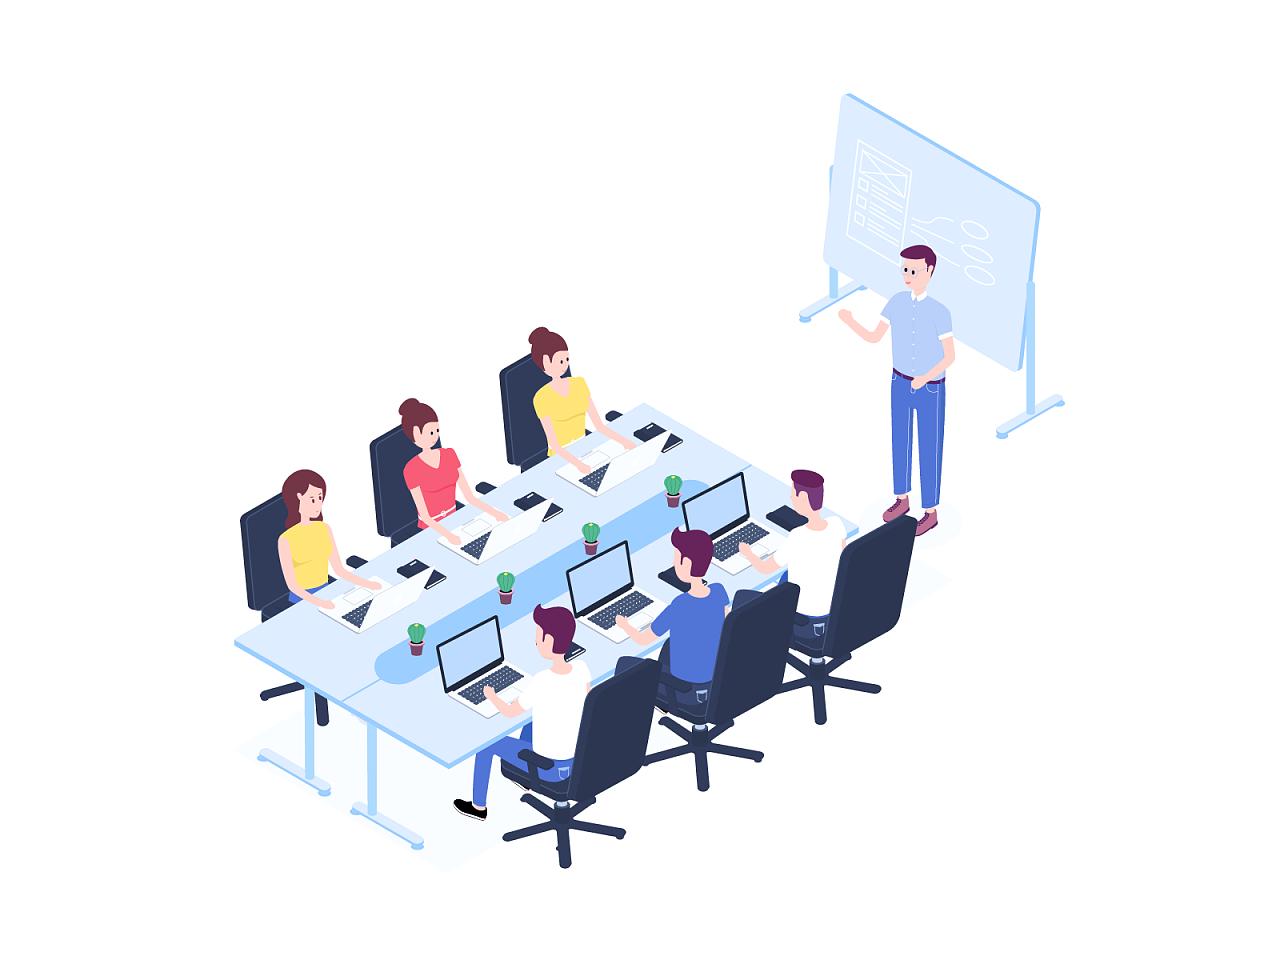 微信营销管理如何及时追溯到对应责任人?